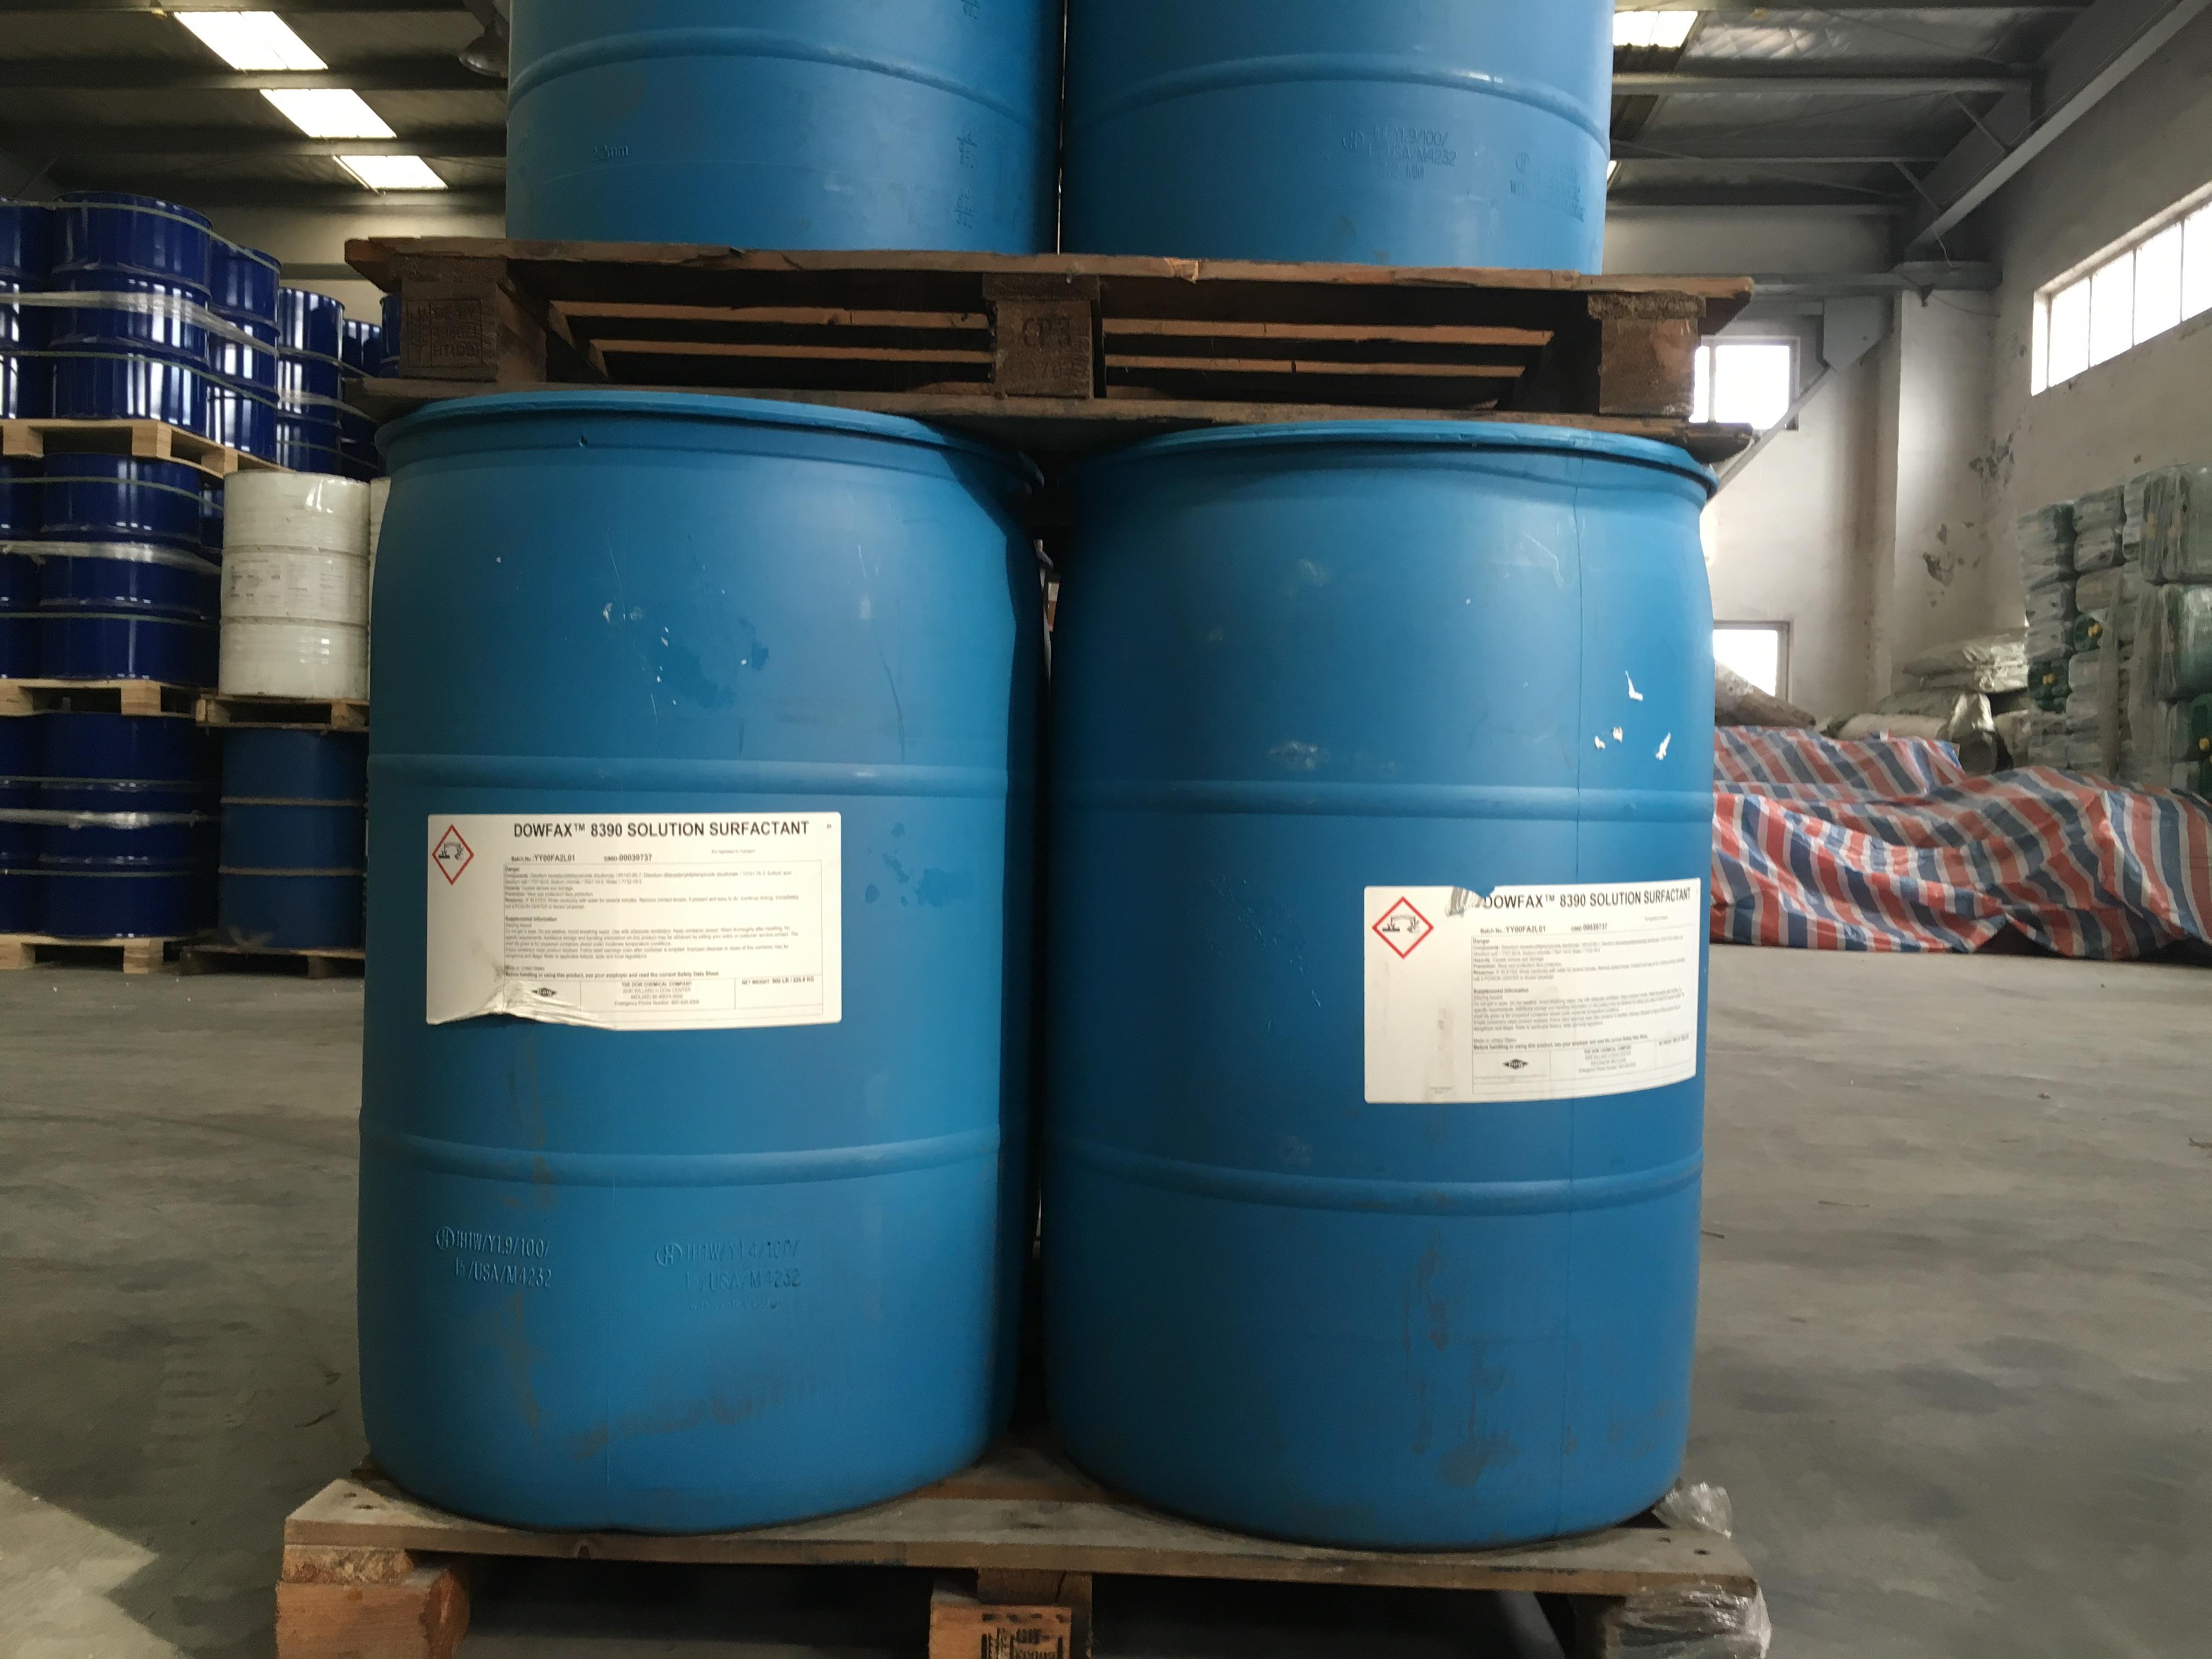 美国陶氏dowfax 8390烷基二笨醚双磺酸盐